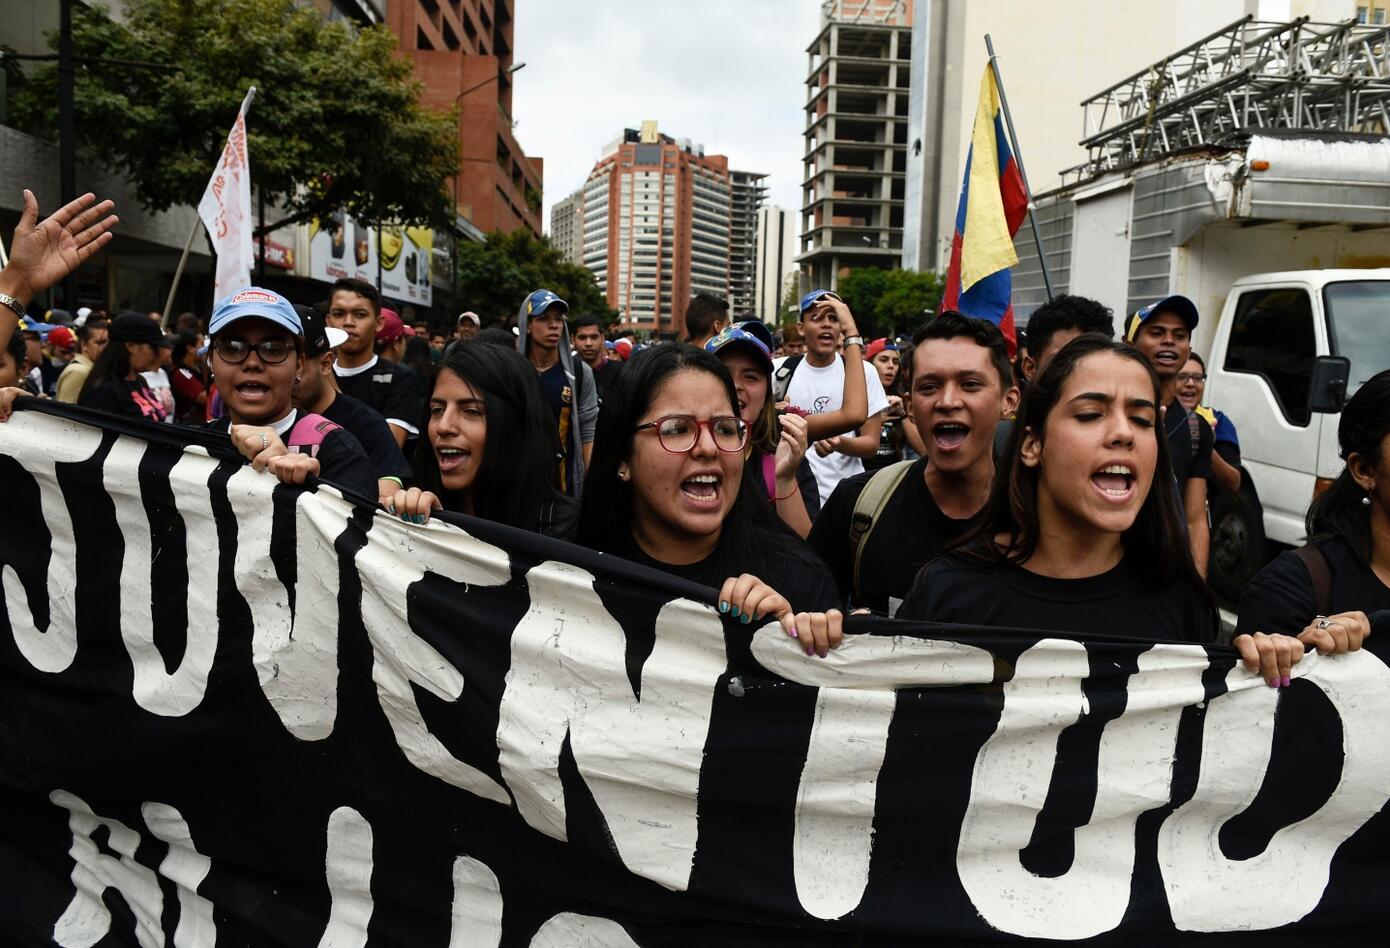 Los jóvenes de oposición también salieron a reclamar respeto por el pueblo venezolano.